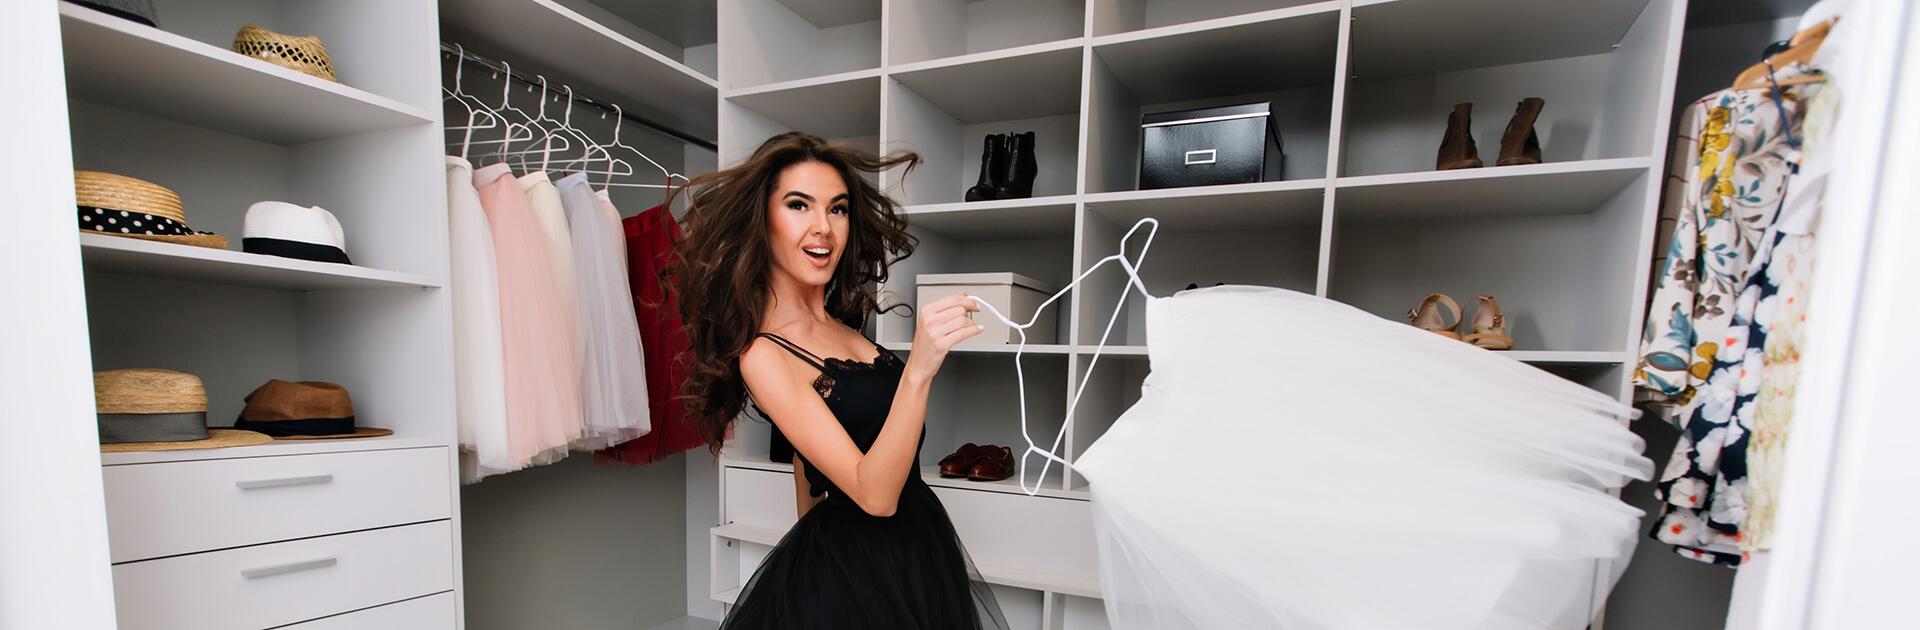 Uśmiechnięta kobieta w garderobie